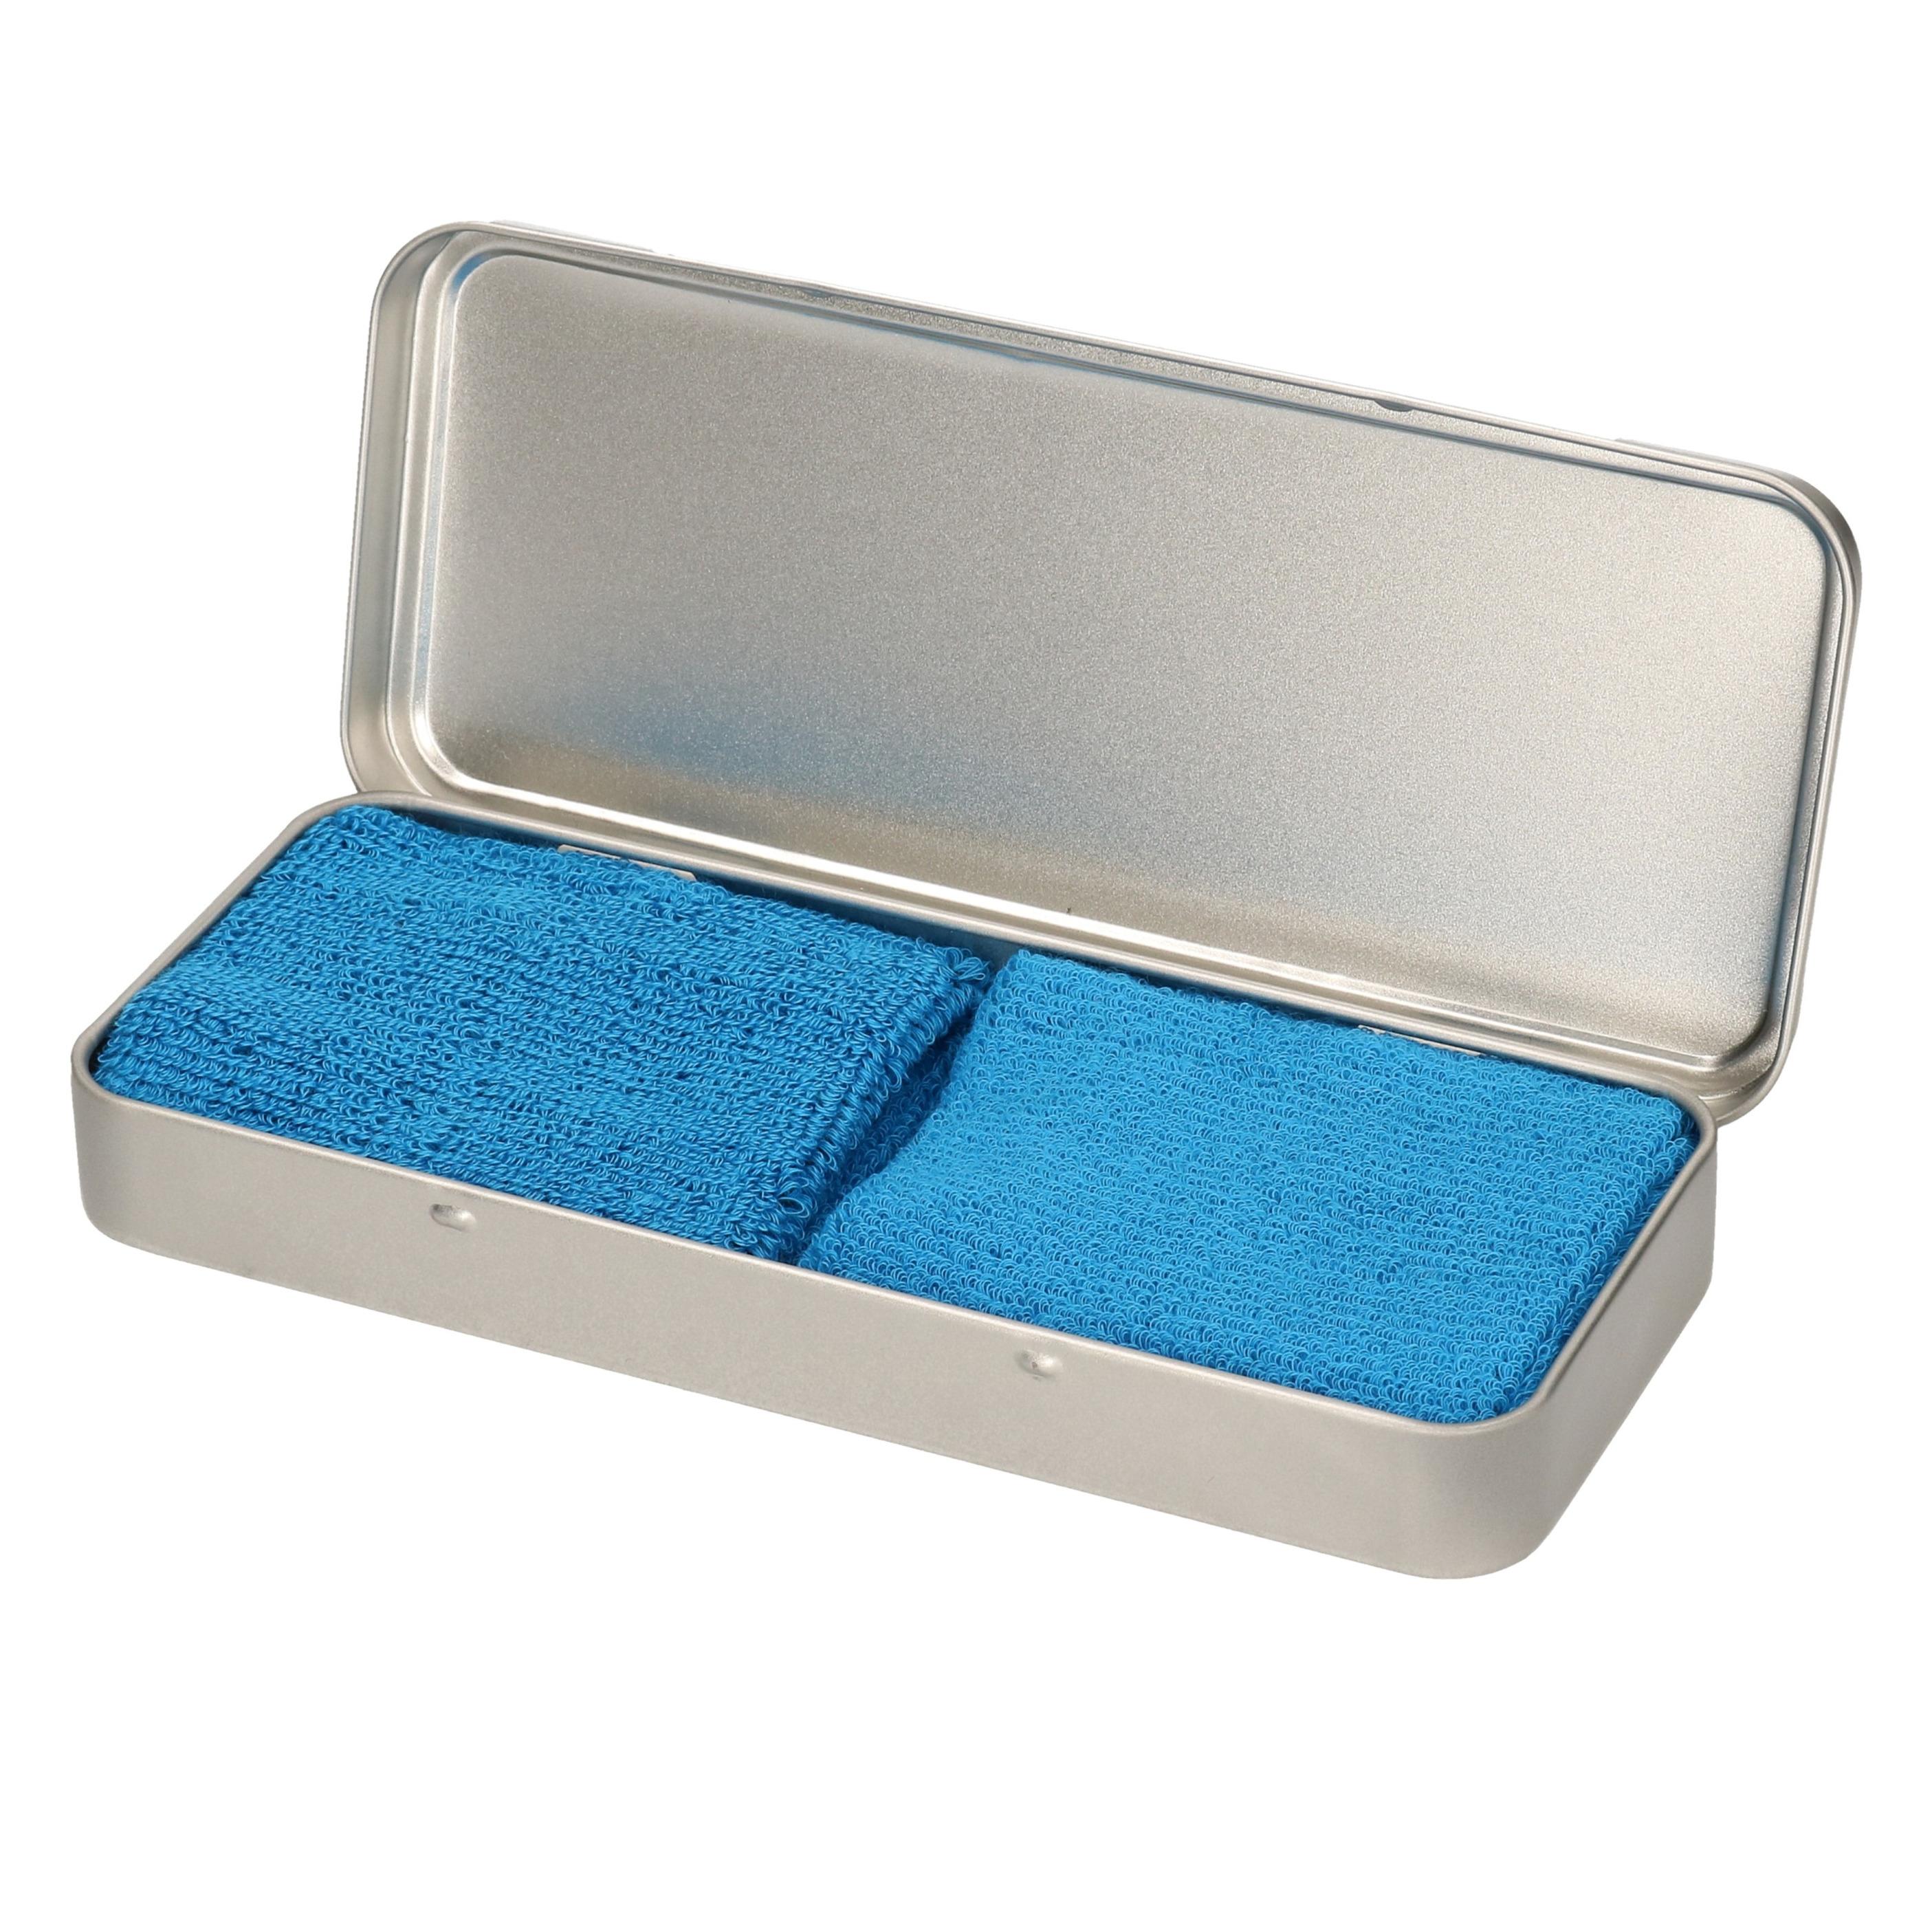 2x stuks aqua blauwe sport zweetbandjes in metalen opslag bewaar doosje